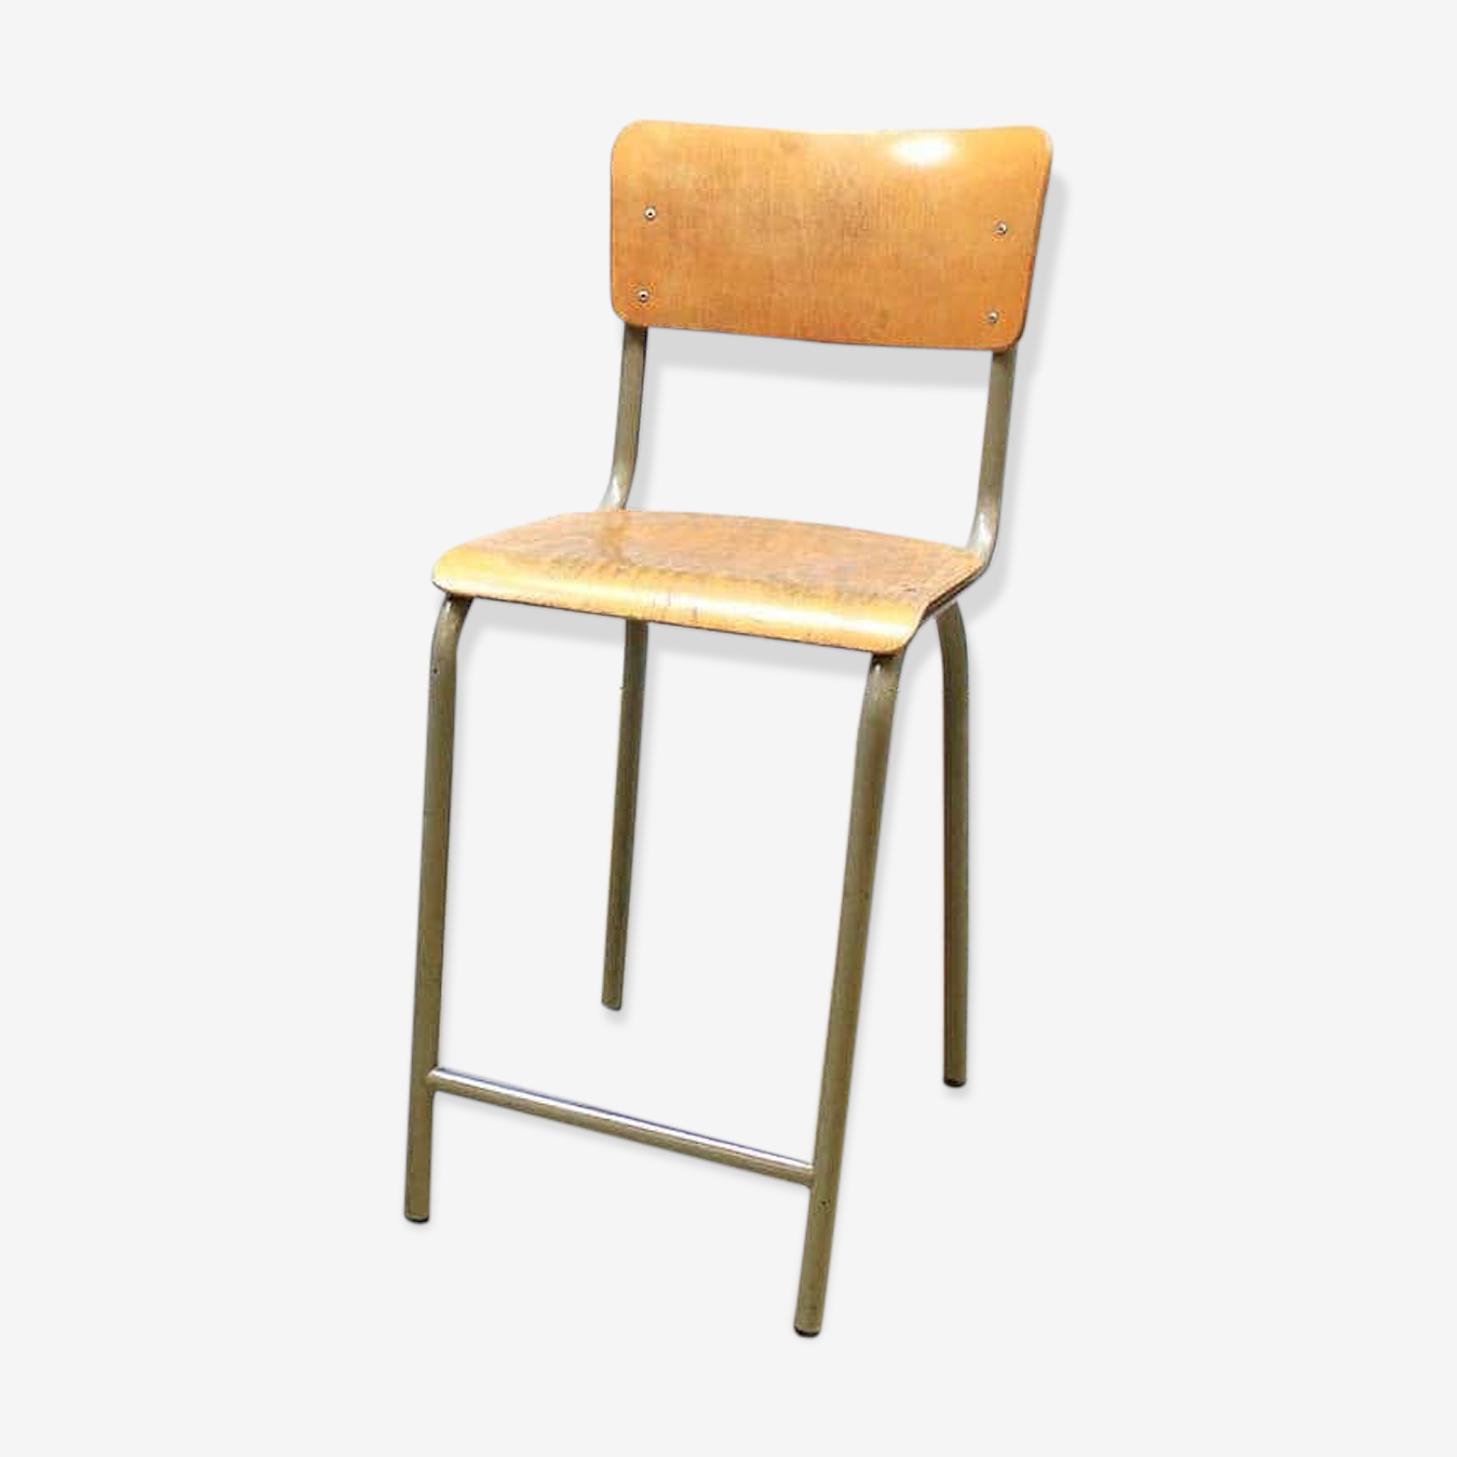 Chaise vintage industrielle